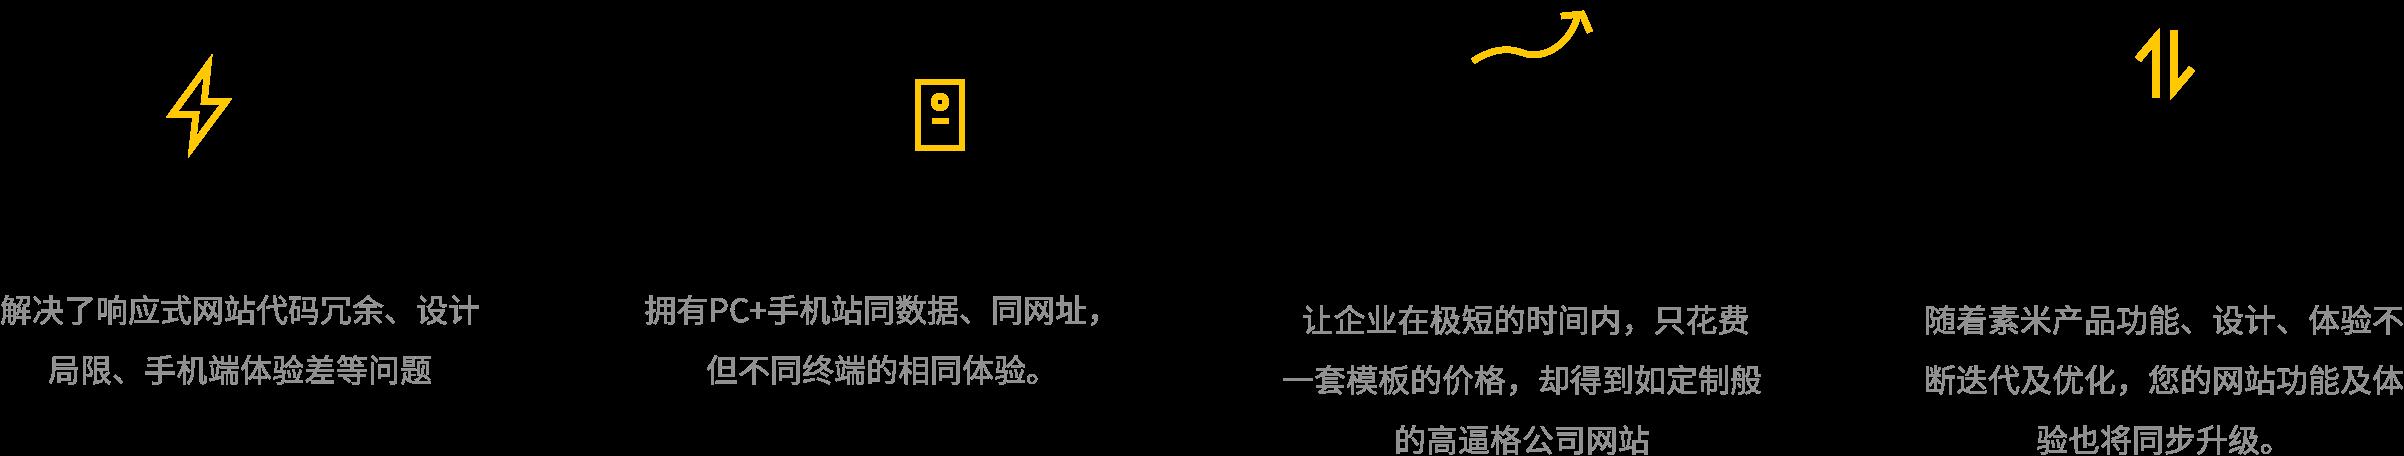 建站官网-关于-我们的产品与优势.png